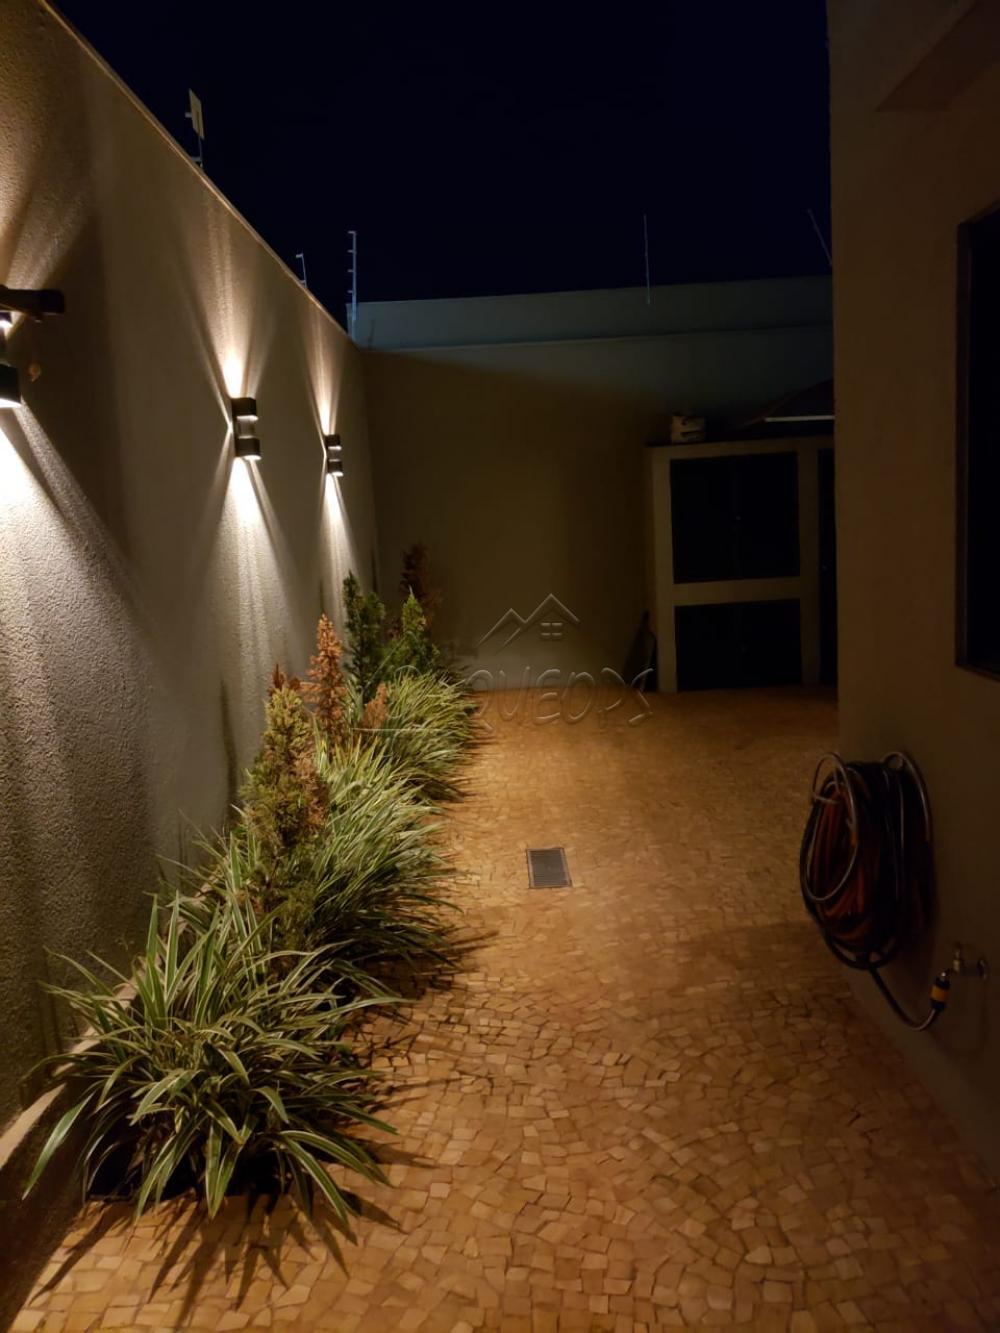 Comprar Casa / Padrão em Barretos apenas R$ 370.000,00 - Foto 17